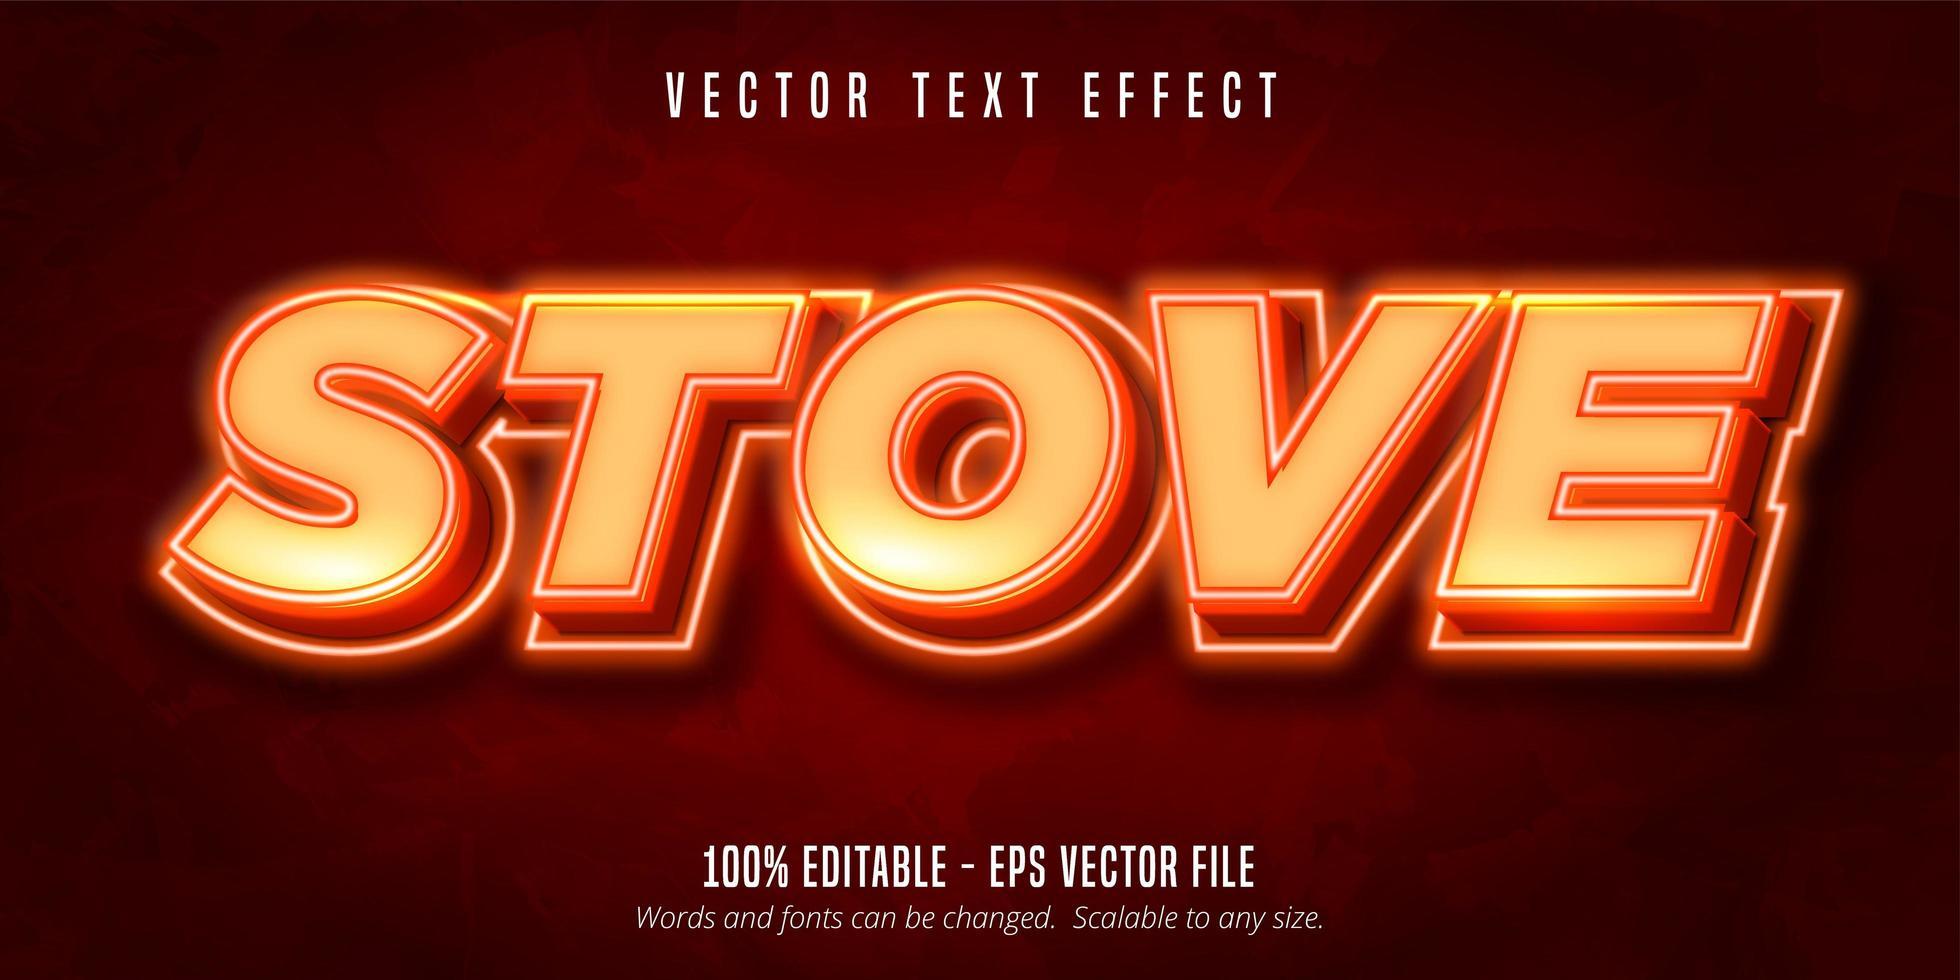 hete kachel gloeiende oranje teksteffect vector